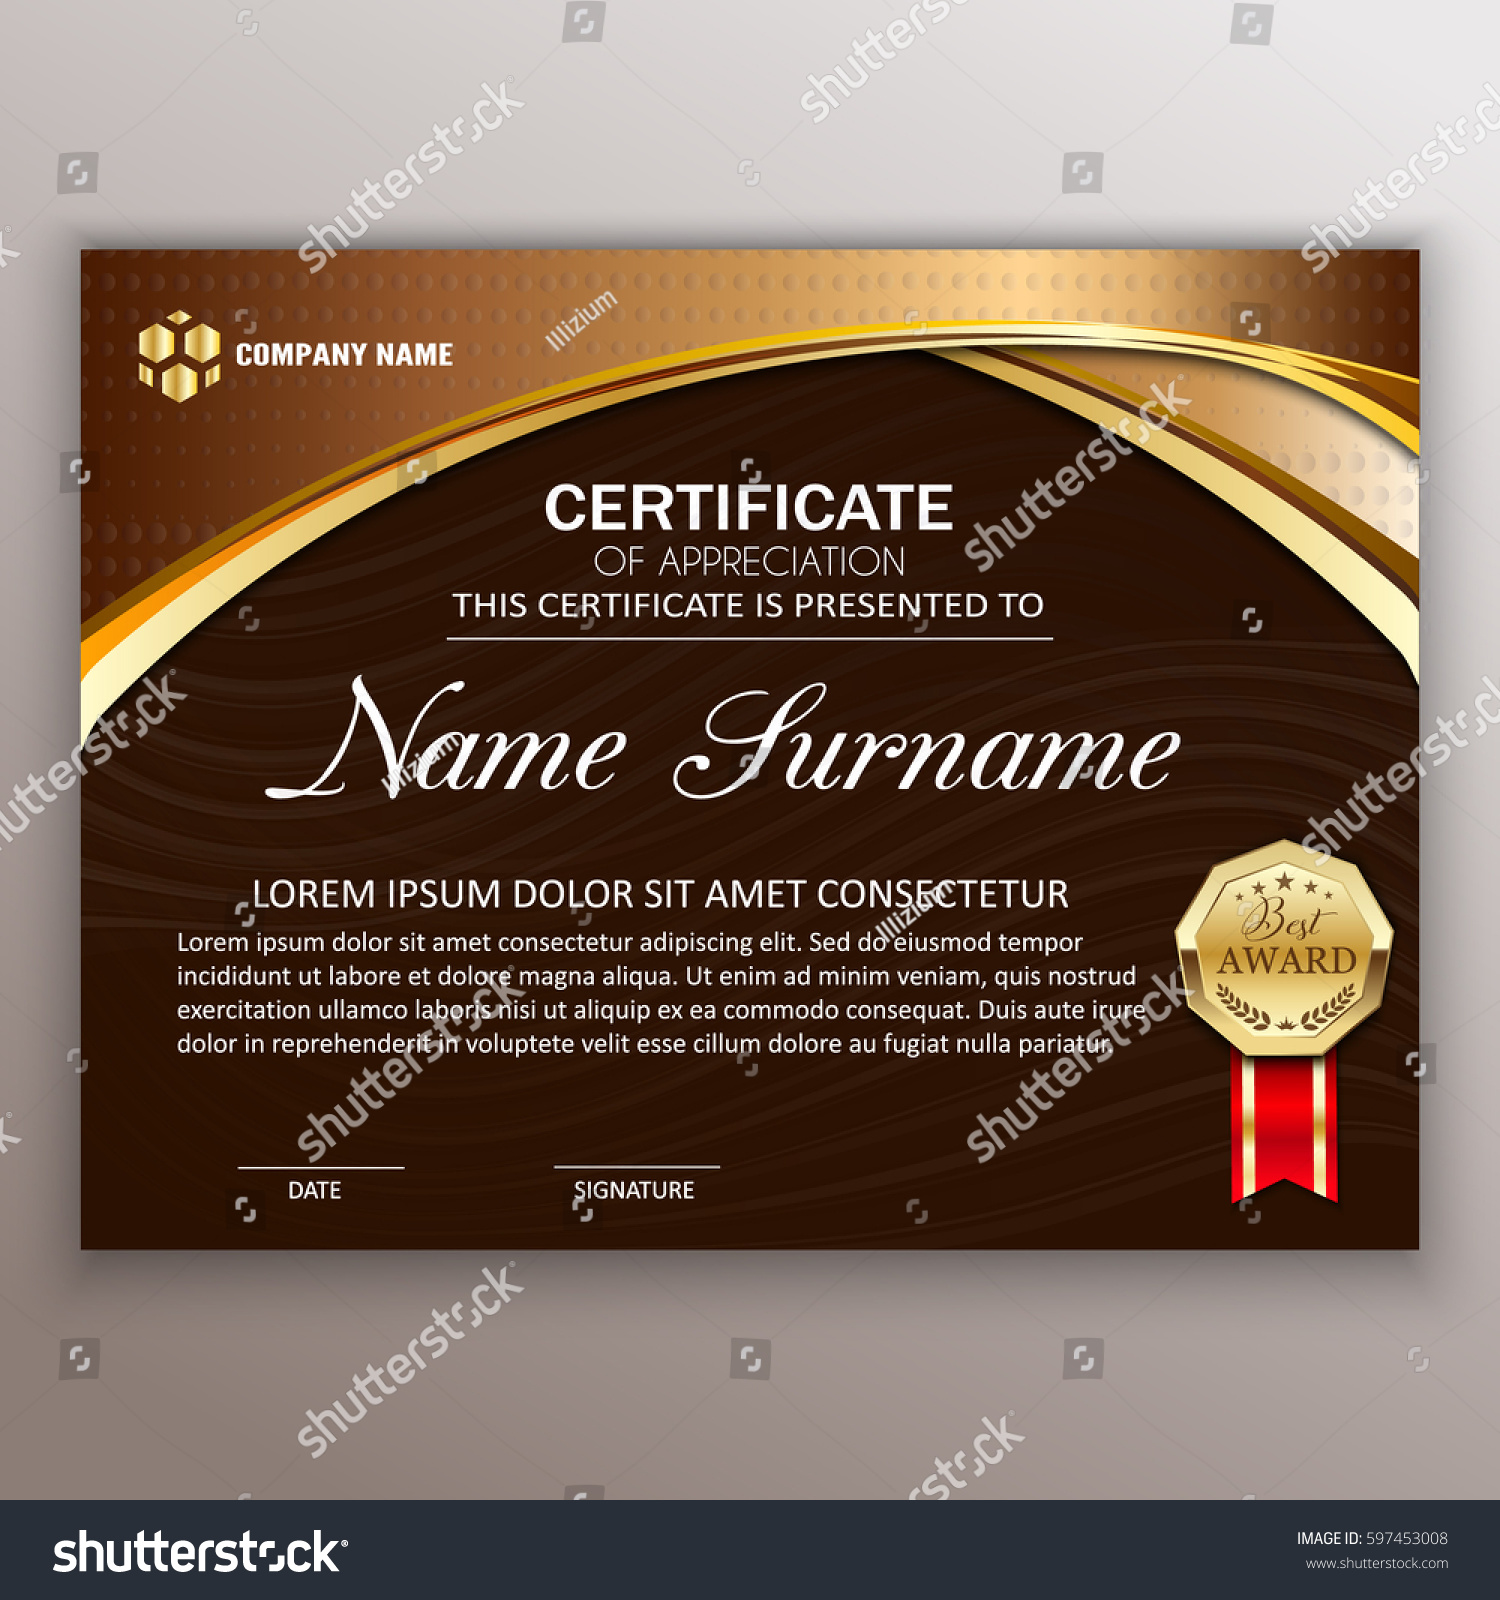 Beautiful Certificate Templates 12